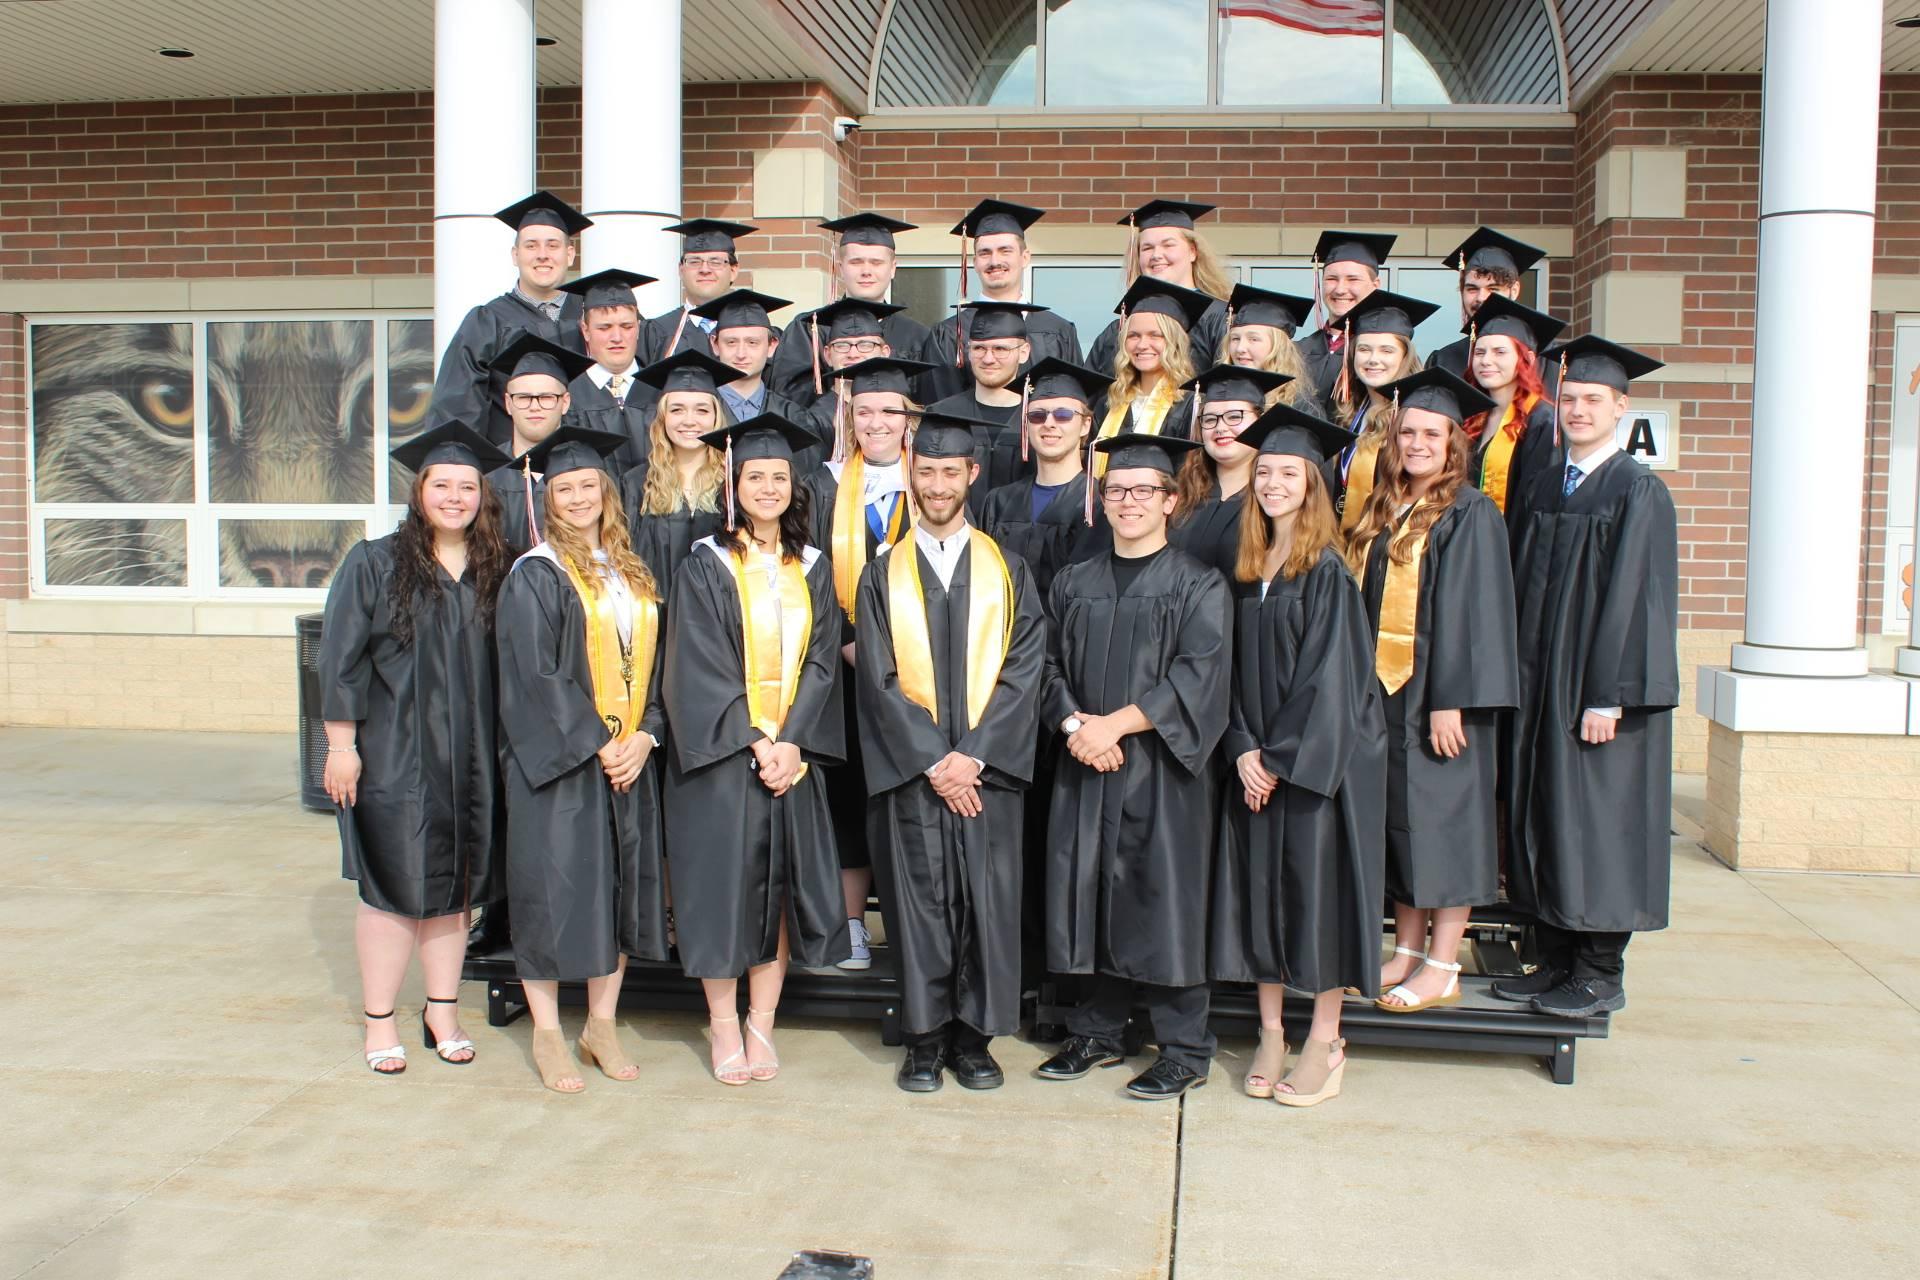 Chalker High School Class of 2021